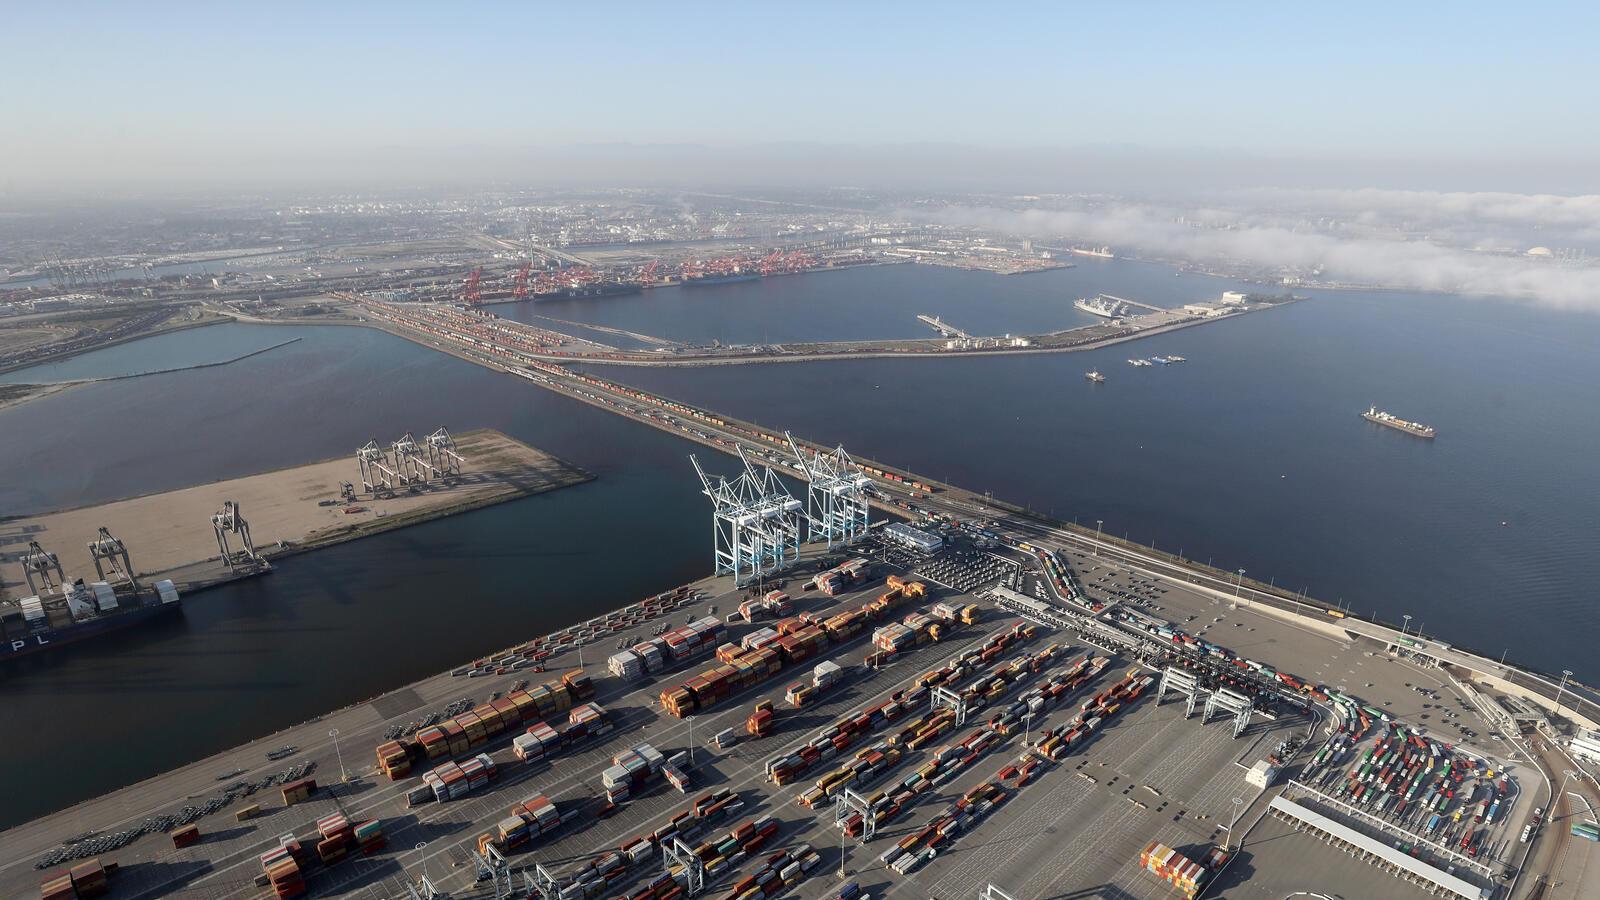 洛杉矶港10月货运量较去年同期增长27.3%